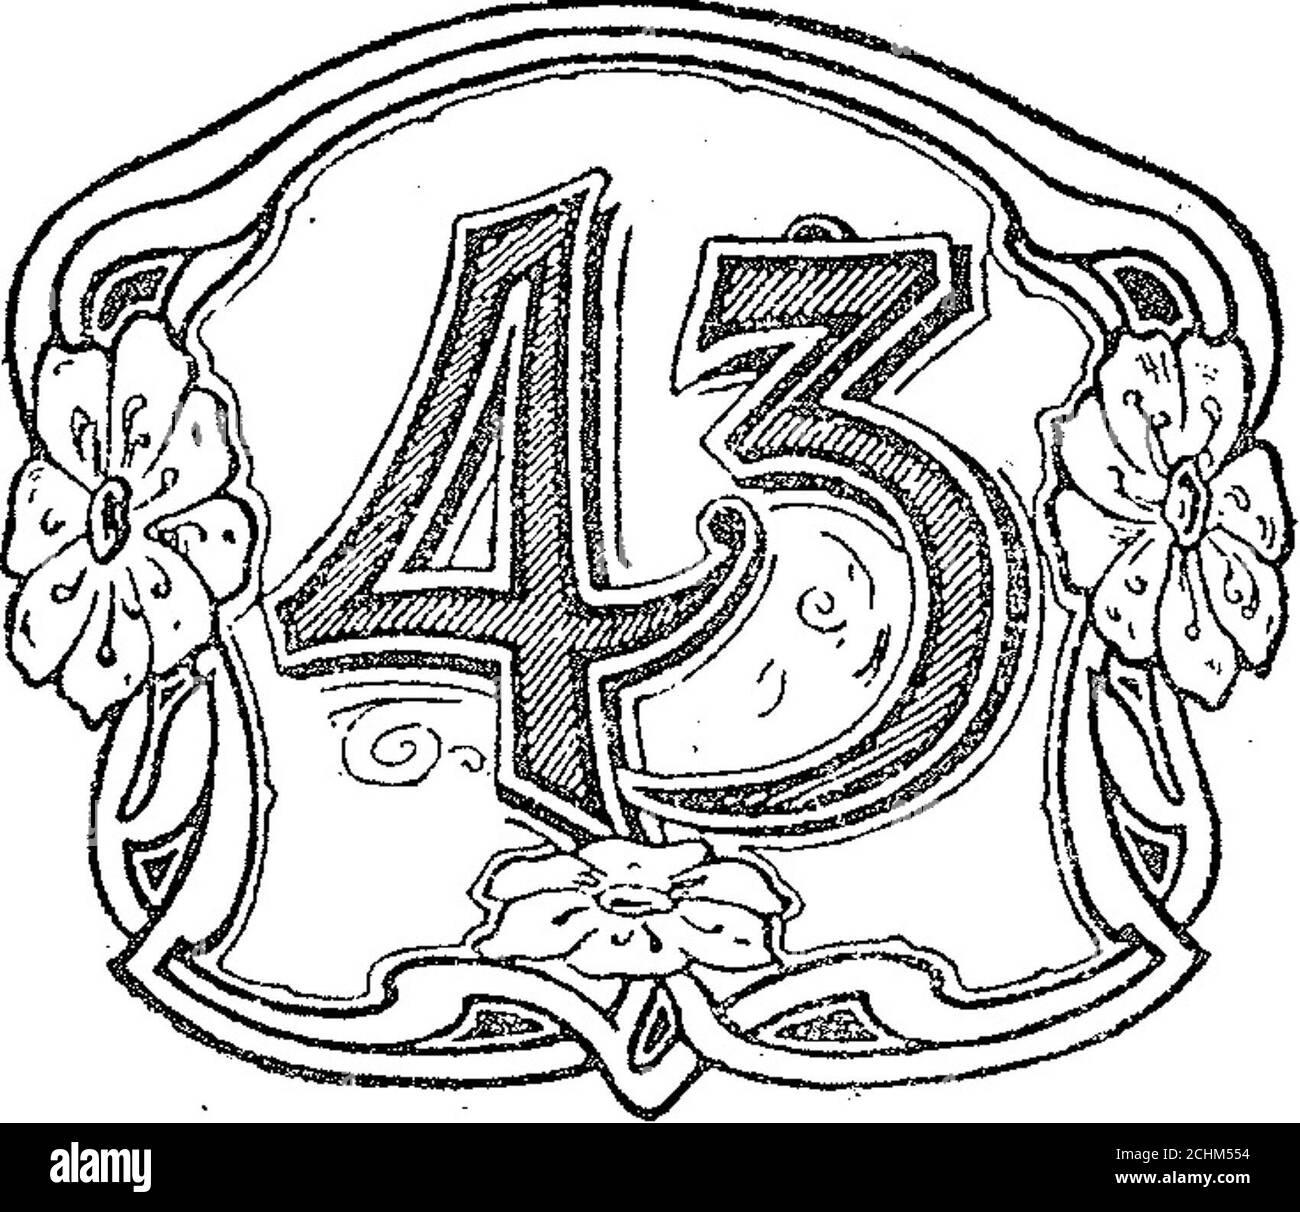 . Boletín Oficial de la República Argentina. 1917 1ra sección . Entre 18.de 1917. -- .Societé Anónnyme Des Etablíssements Arsene Salí-piqifét. •- Sardinas en general de la cláse 22 (envase). i ■ i i , i . , v-29 cuero» JT!. BOLETÍN OFICIAL Buenos Aires, Miércoles 24 de Enero de 1917 L! I Acta N° 55768. MARCñ Re&itr o Enero. 15 de 1917. — Eduardo- Fcrrcr. —- para distinguir las sustancias quí-toicas usadas en la industria, fotografía, investigaciones Científicas, en lostrabajos agrícolas, de horticultura sustantivas anticorrosivas; de la clase -1. , -v-25 enera, , ; ) i~~ T~ ~ . ACIA no 55769 Foto de stock